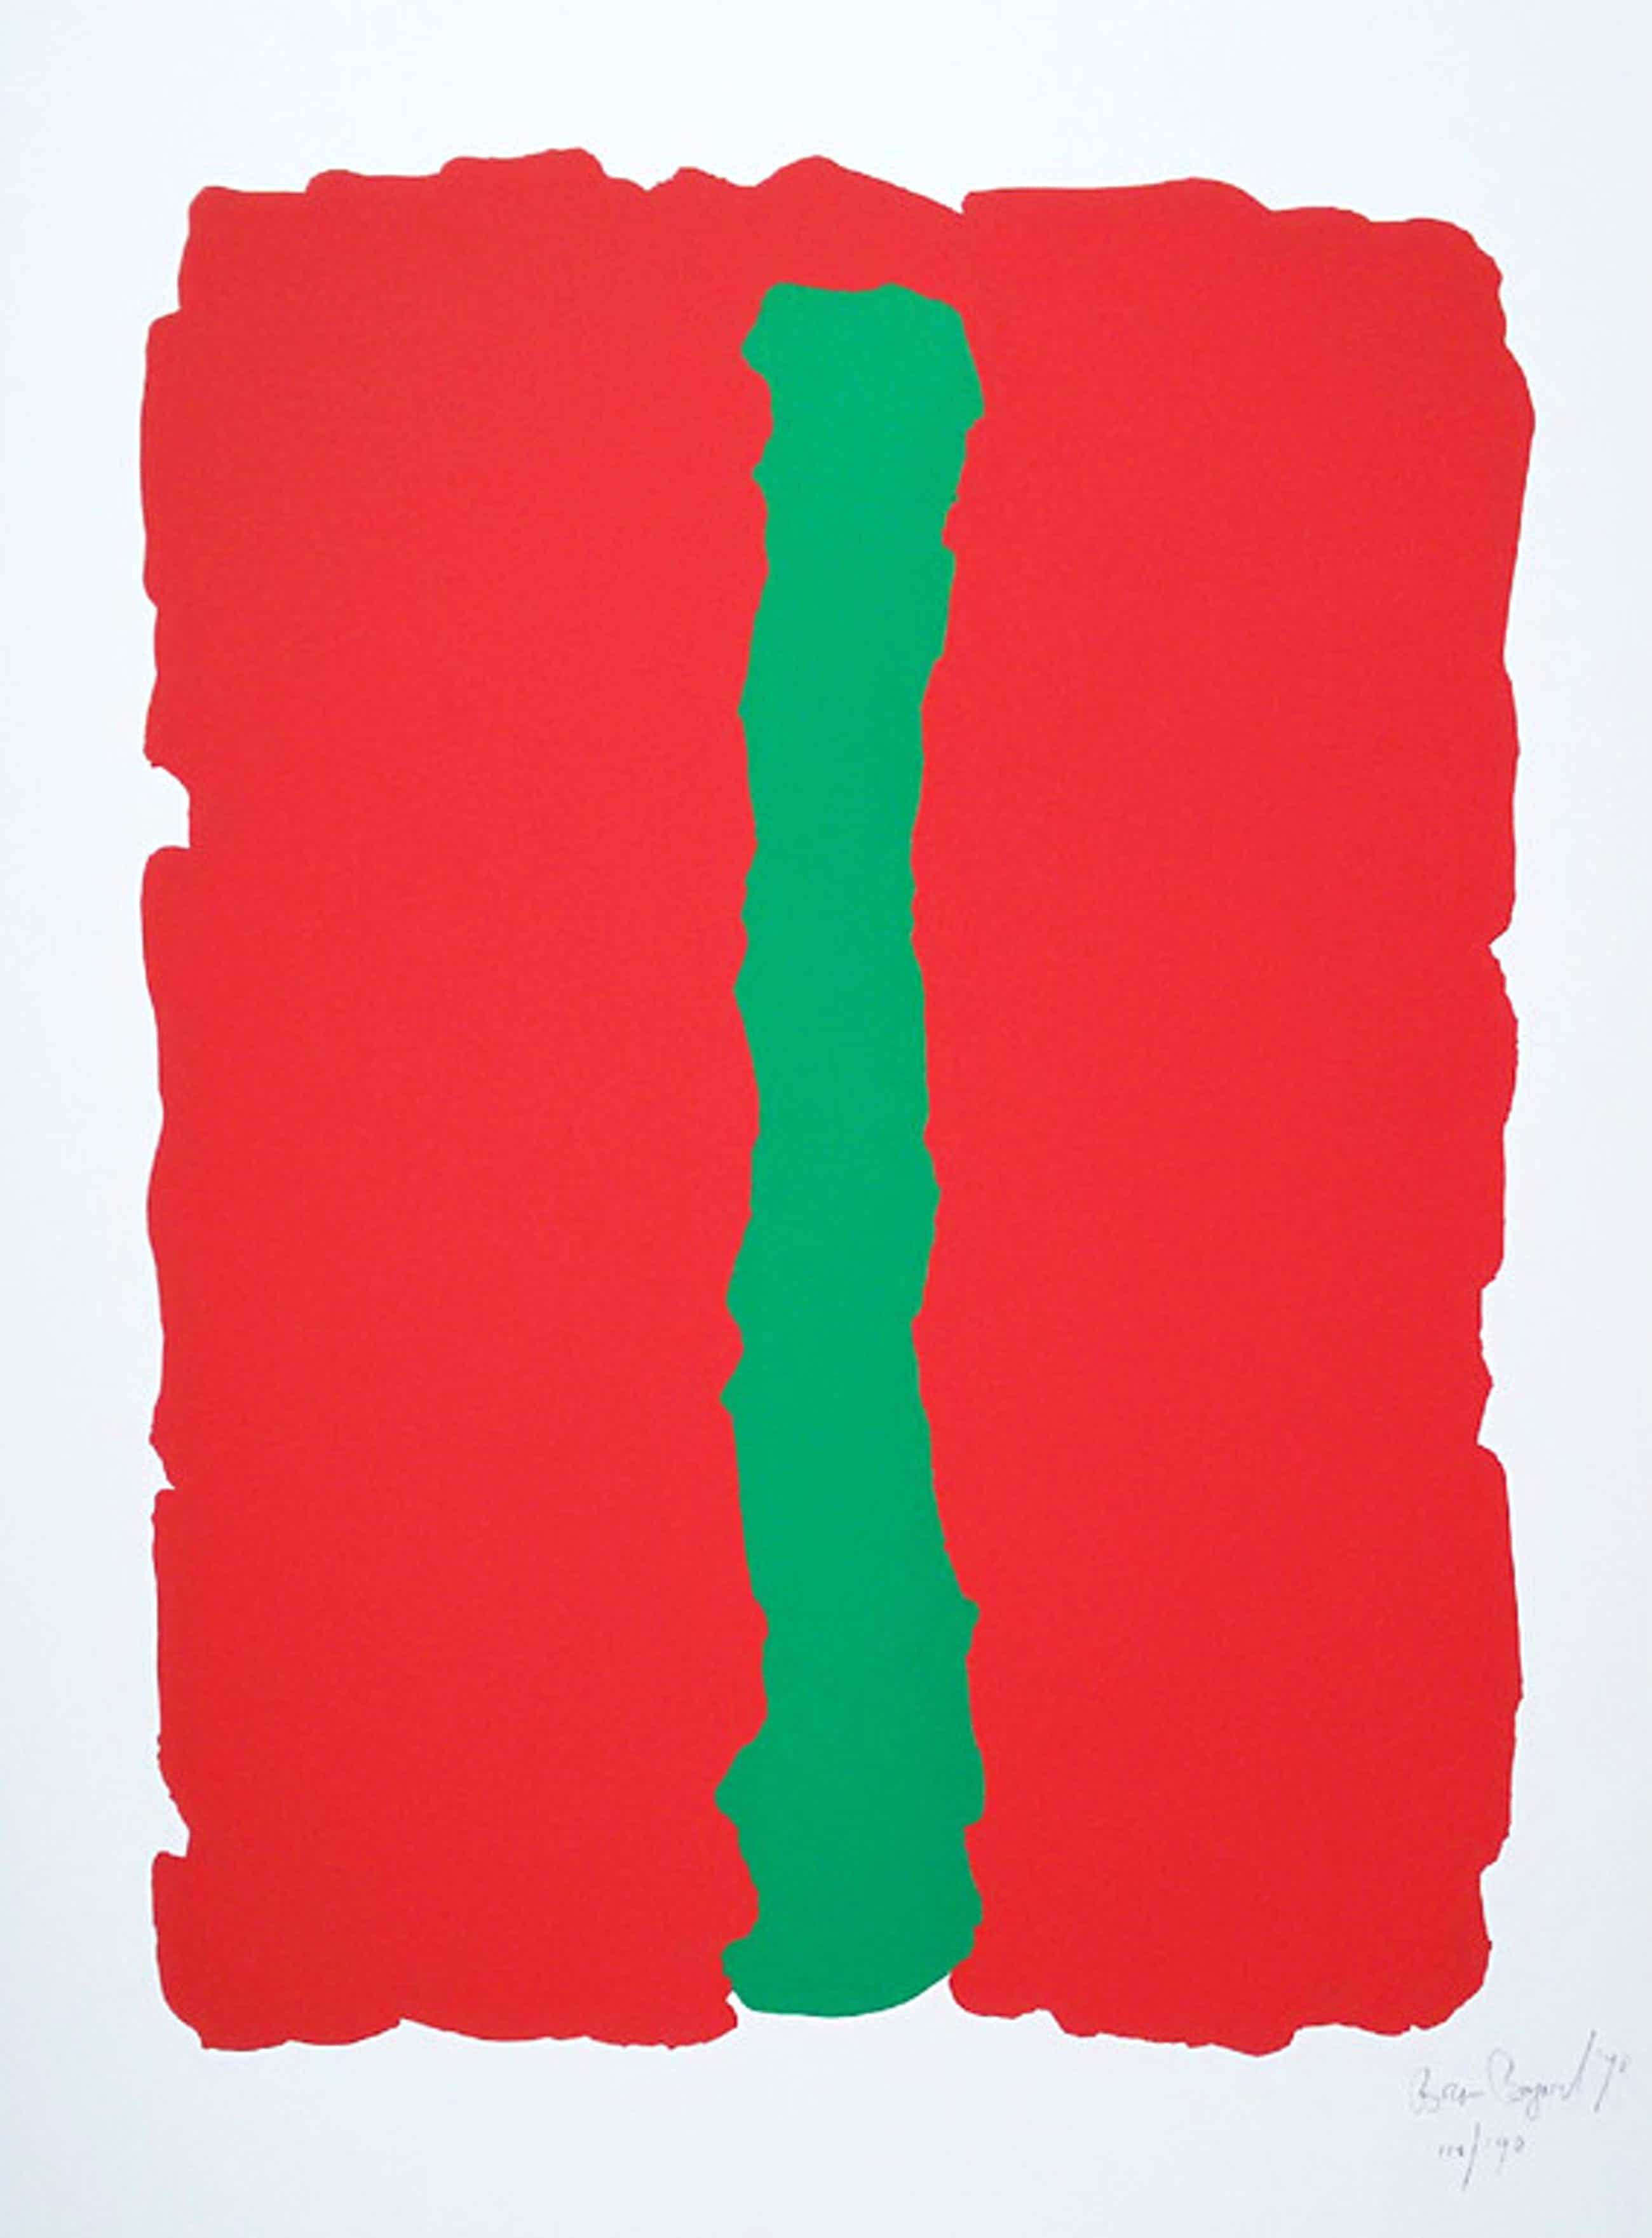 Bram Bogart - Compositie in groen en rood, zeefdruk kopen? Bied vanaf 325!